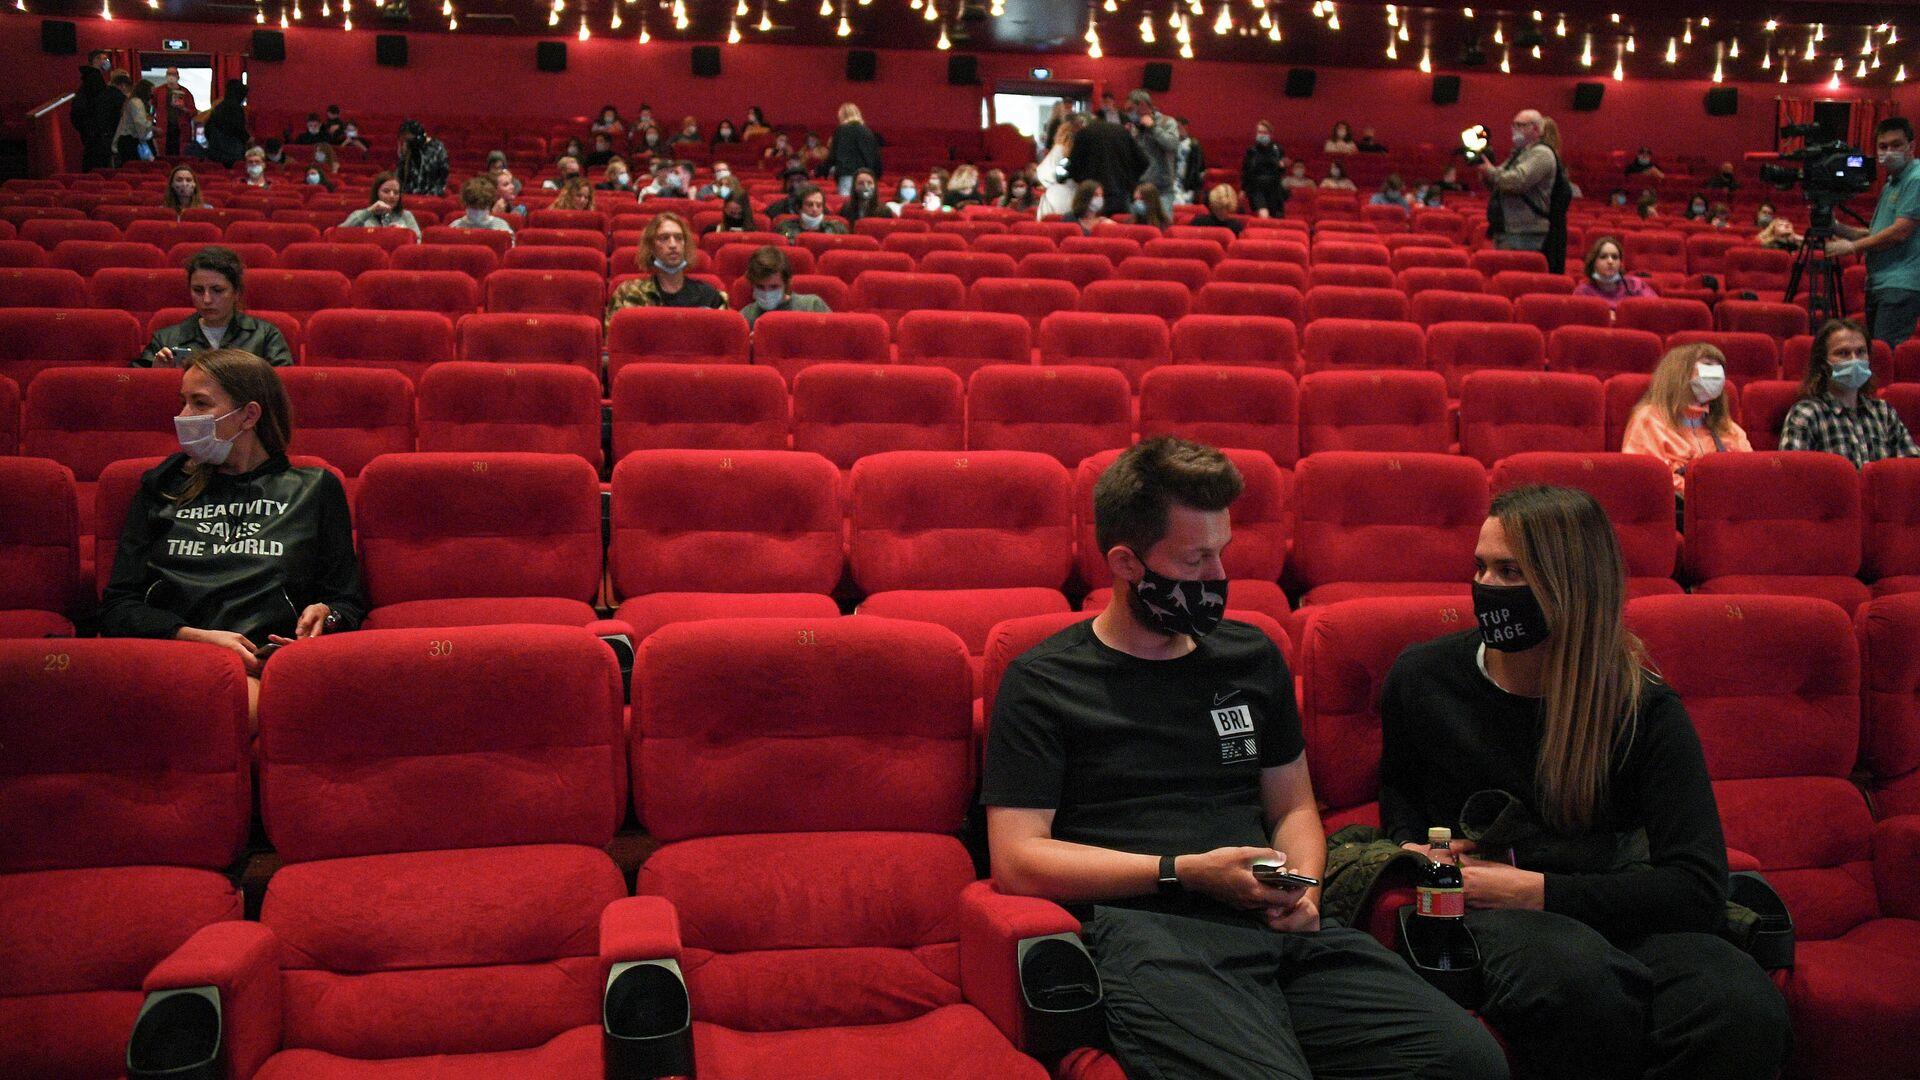 Зрители в зале перед показом фильма в кинотеатре Каро 11 Октябрь в Москве - РИА Новости, 1920, 25.09.2020